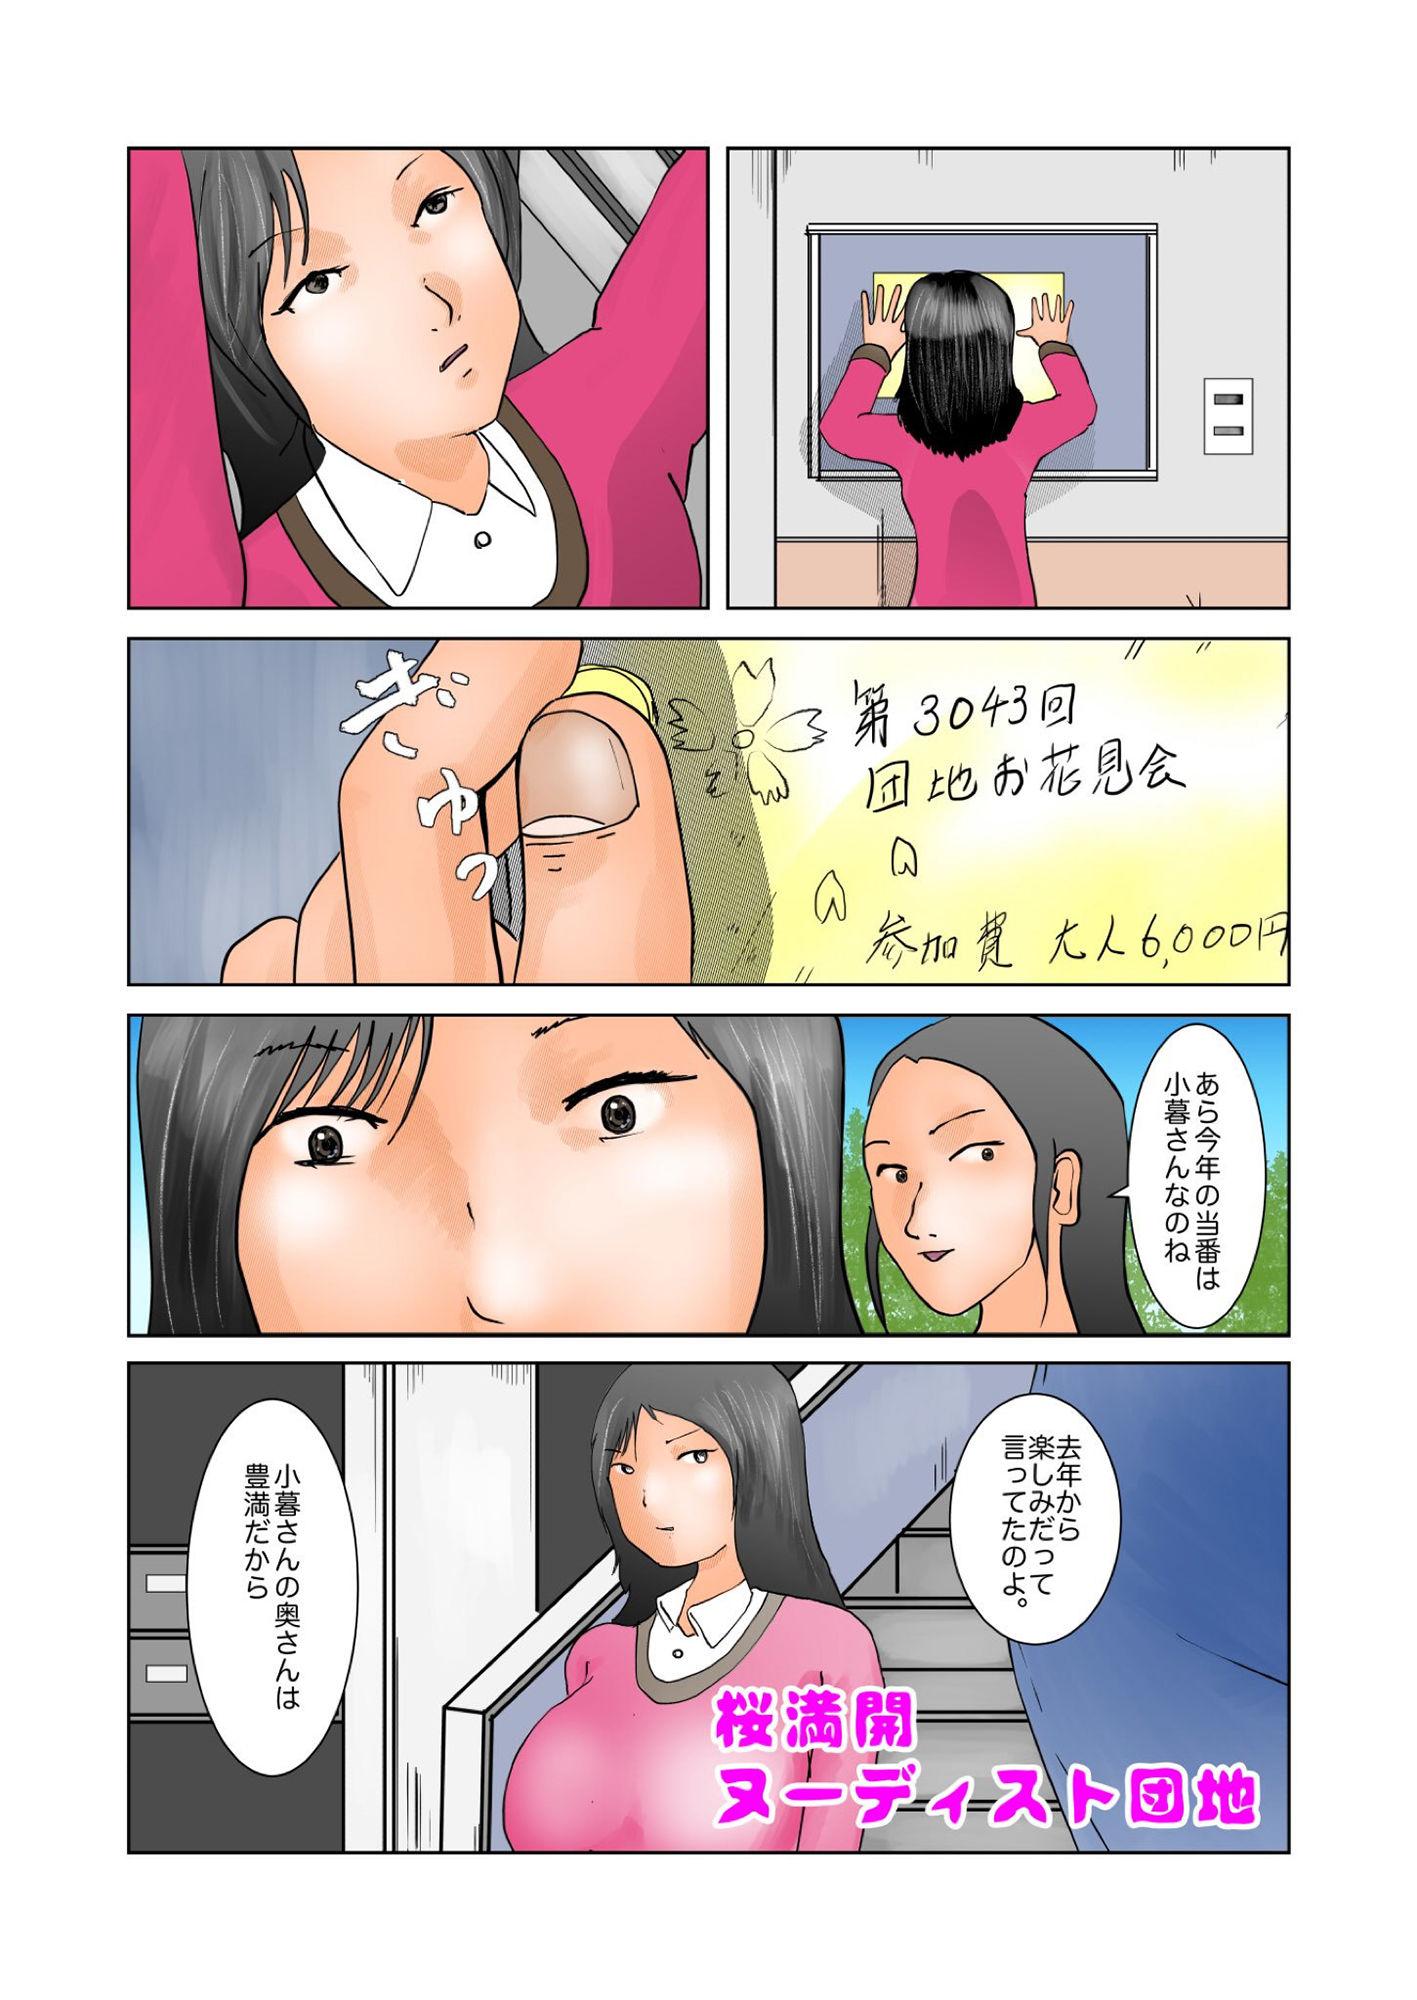 【ぼーぼーず 同人】桜満開ヌーディスト団地